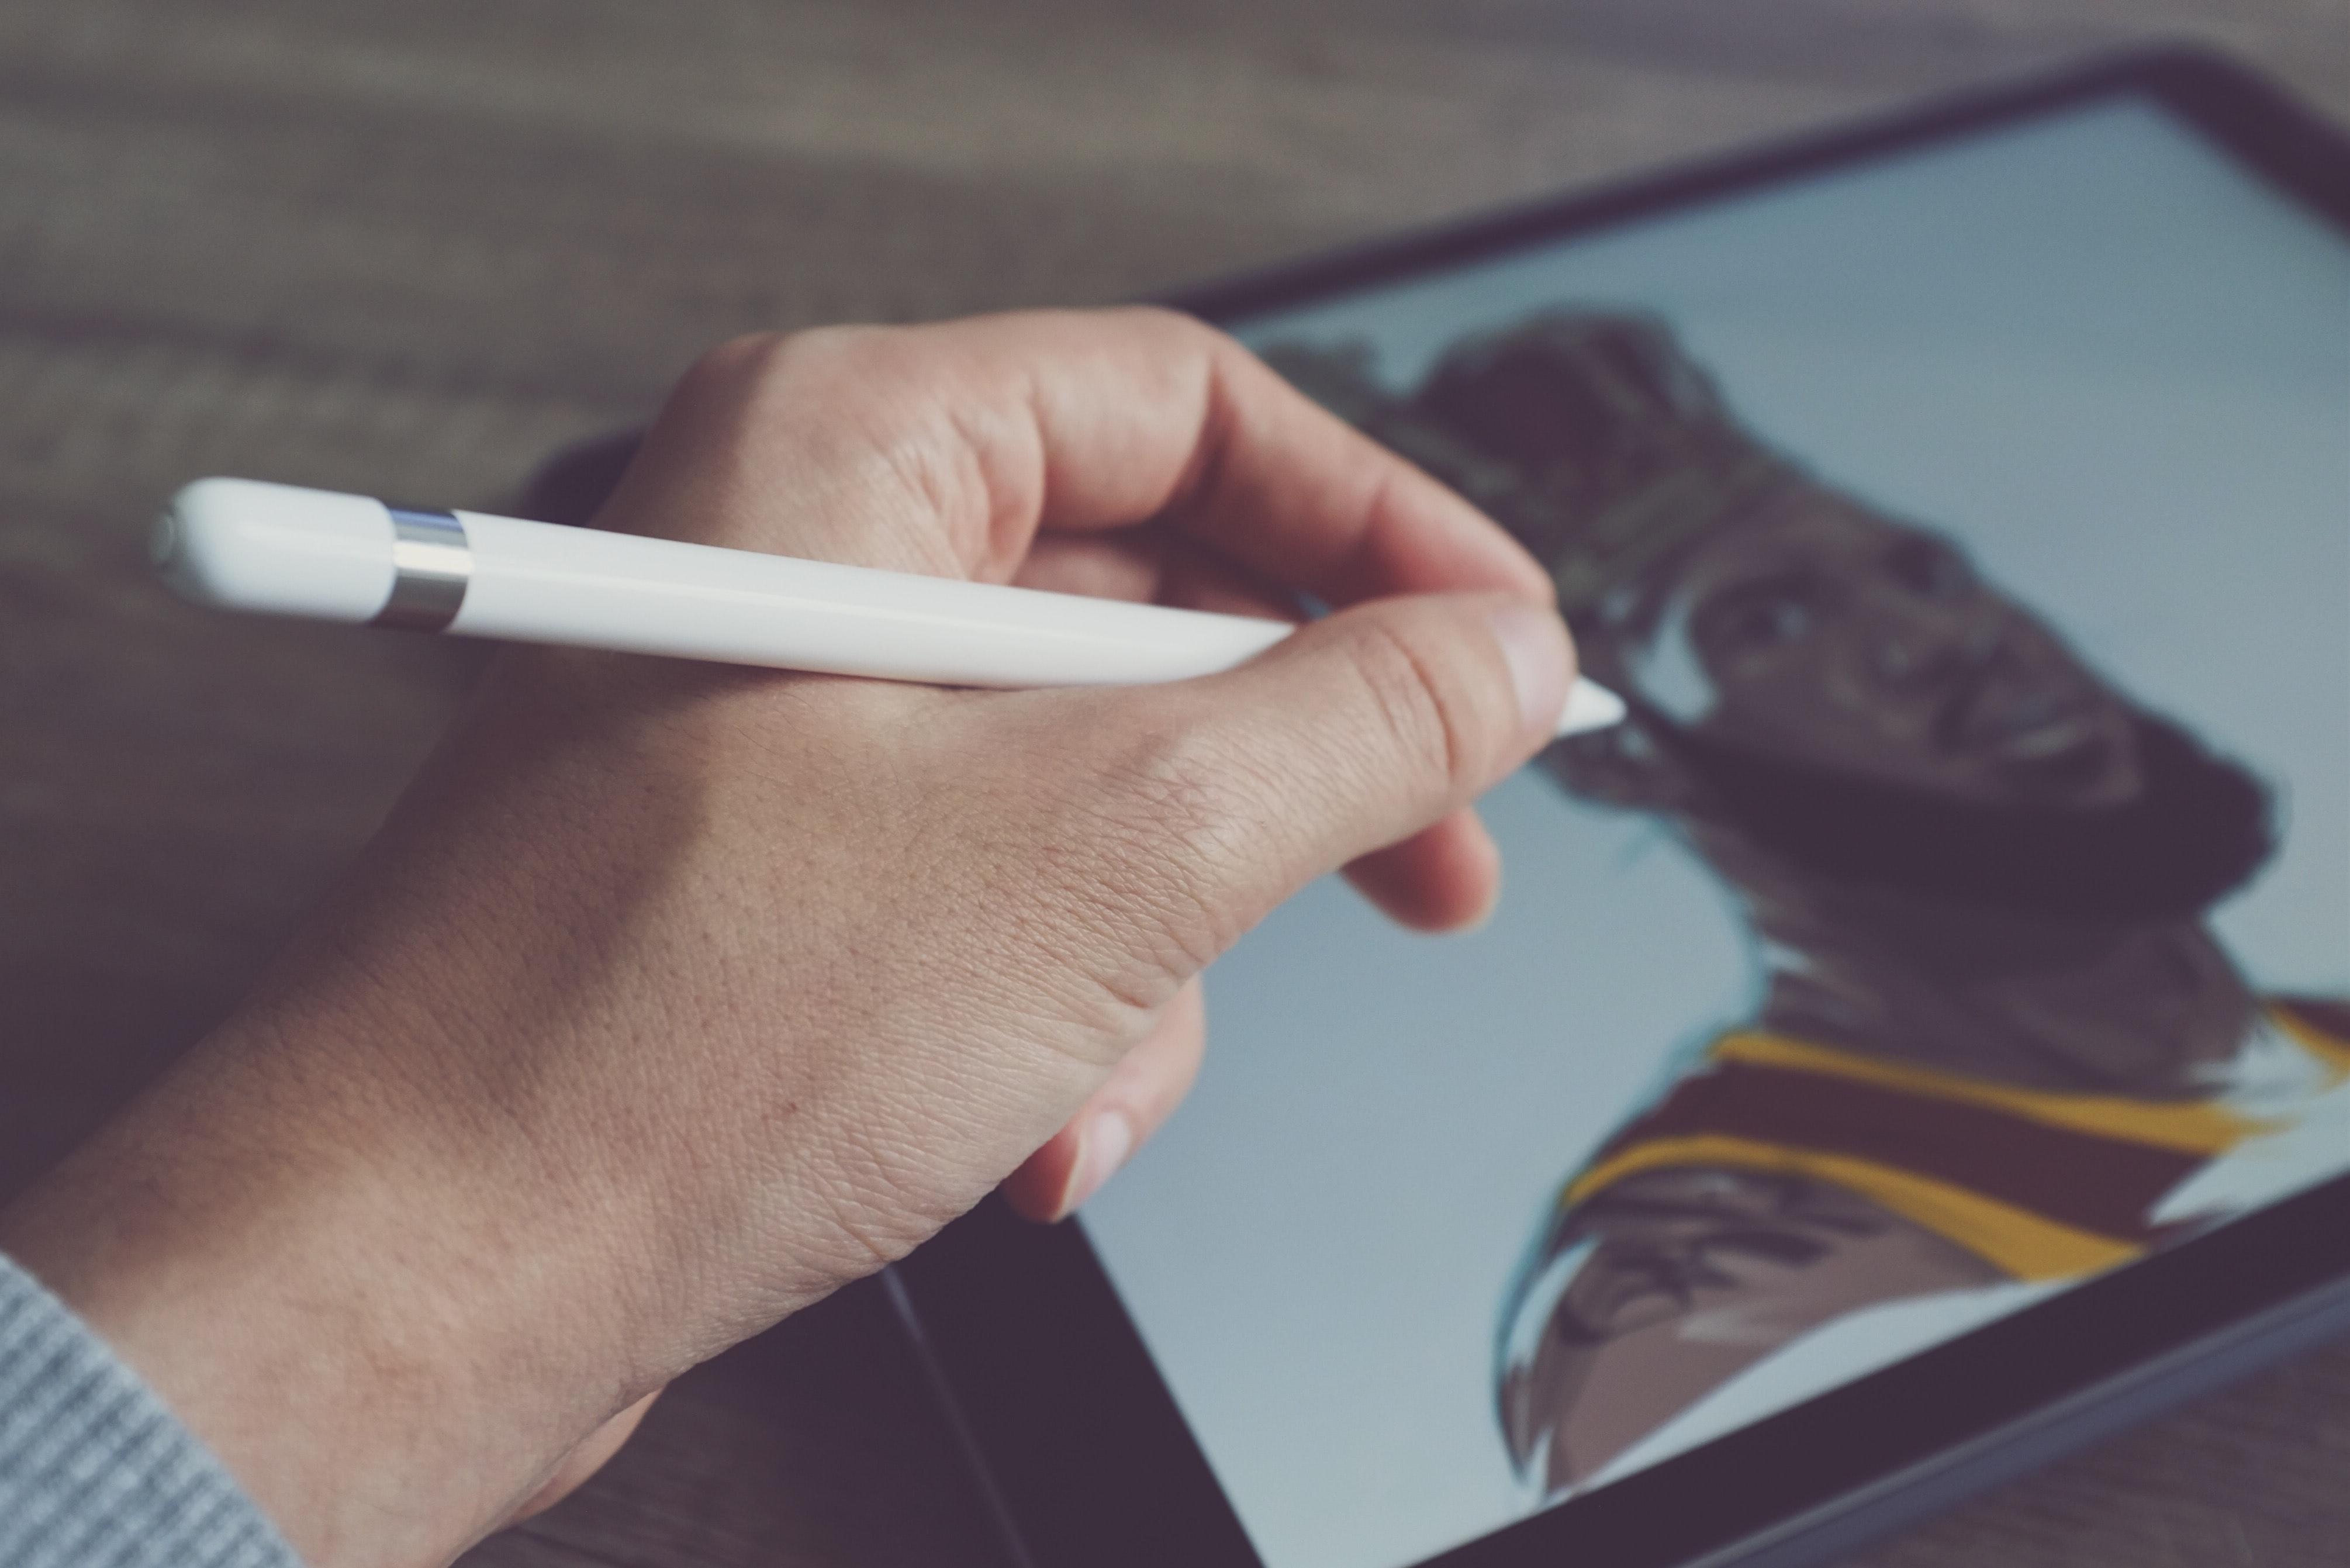 Illustrator(イラストレーター)とは?|チュートリアル|基本的な使い方について初心者向けに解説